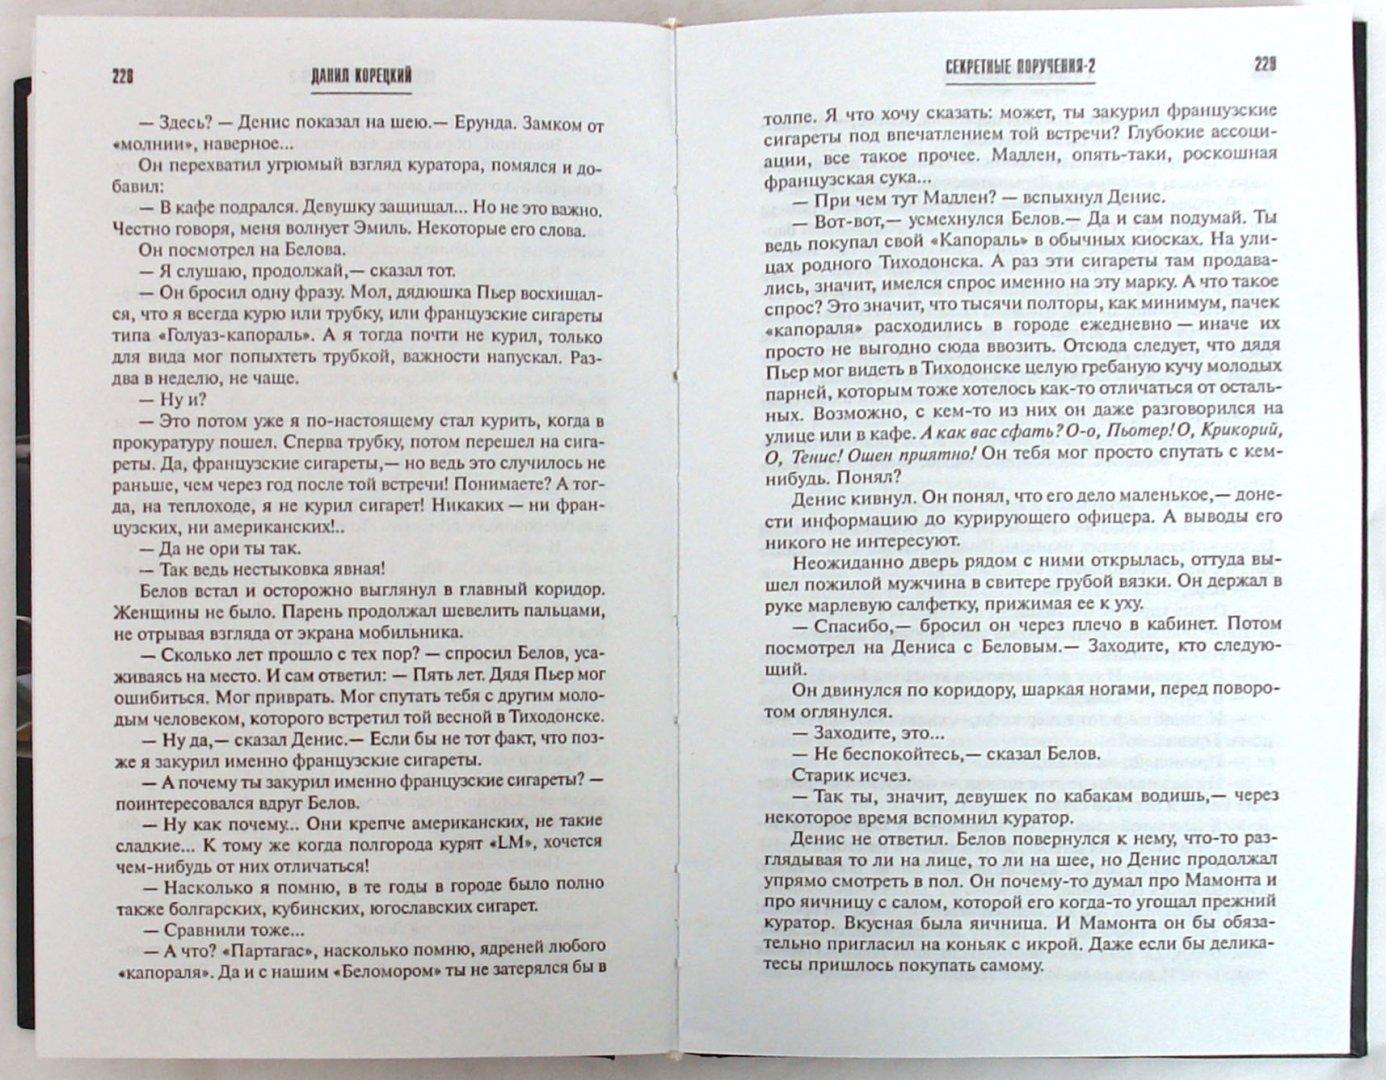 Иллюстрация 1 из 5 для Секретные поручения-2 - Данил Корецкий | Лабиринт - книги. Источник: Лабиринт